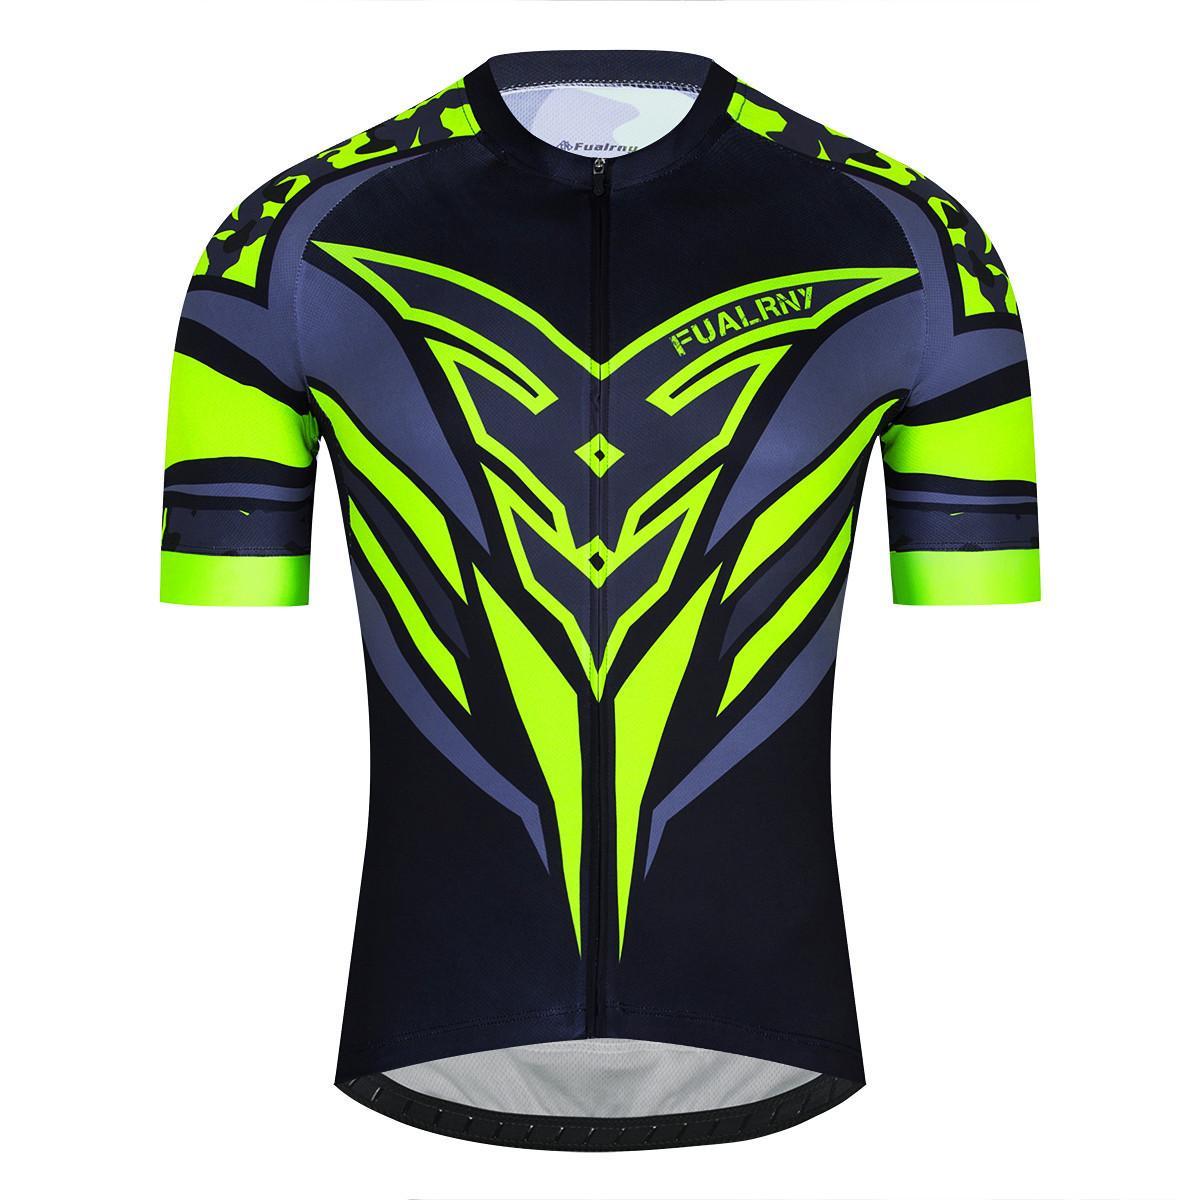 2021 Новое Прибытие Pro Команда Men Велосипедные Джерси Велосипед Велоспорт Одежда Топ Качества Цикл Велосипед Спорт Спорт Спорт Ciclismo Для MTB X0523